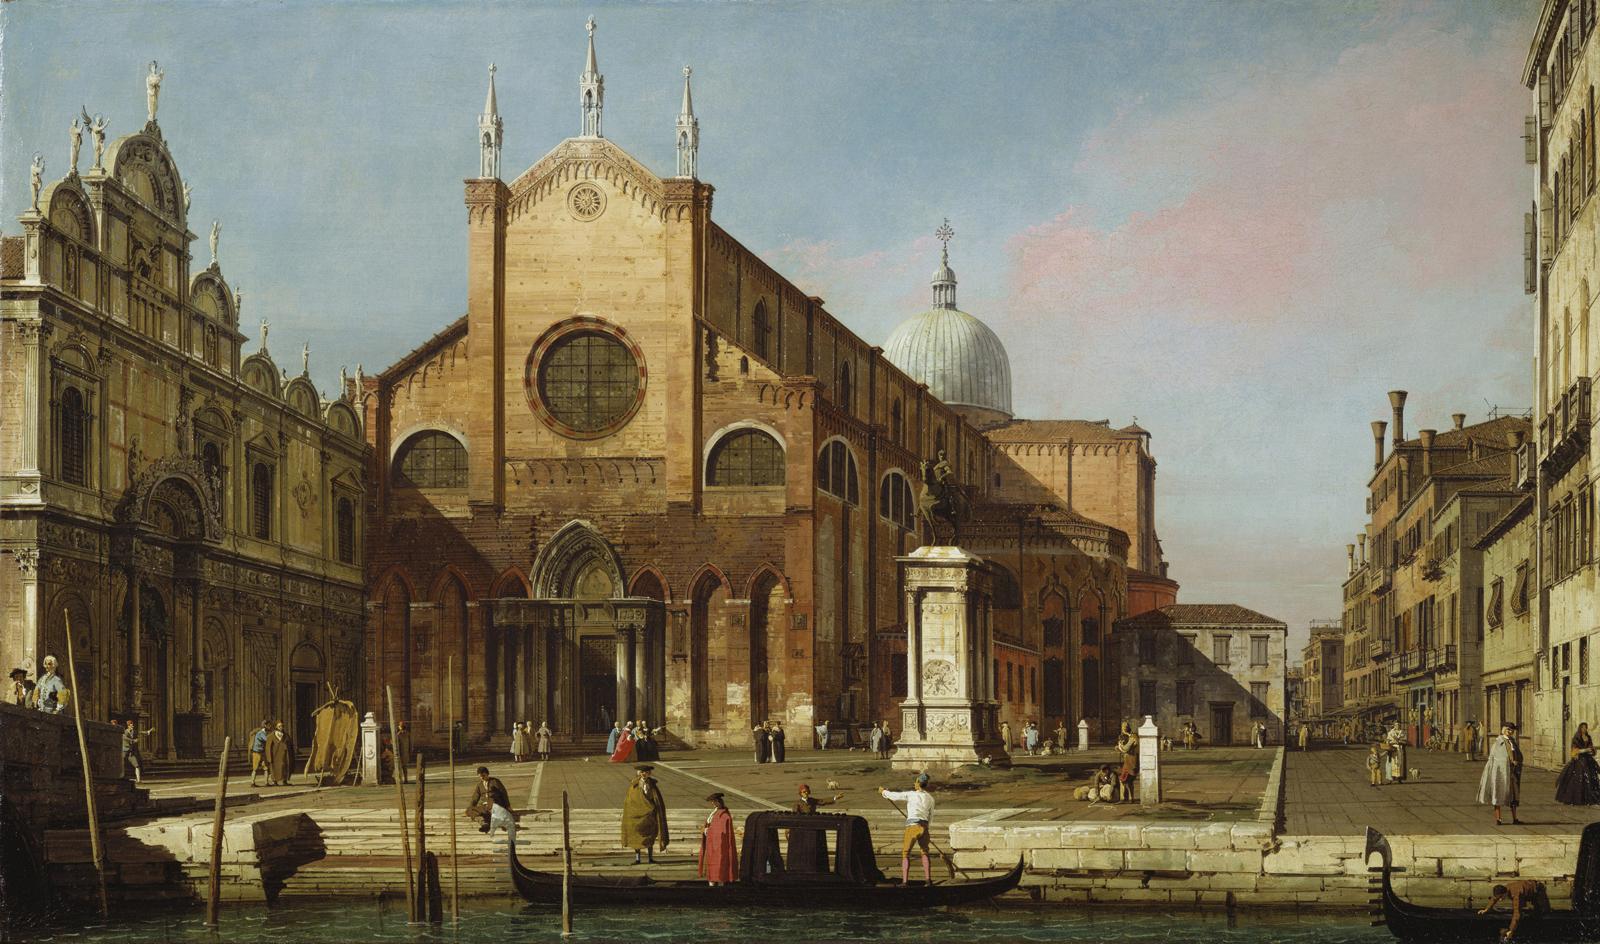 Antonio Canal, detto il Canaletto, Campo santi Giovanni e Paolo, 1738 ca, olio su tela, 46,4x78,1 cm, Londra, Royal Collection.